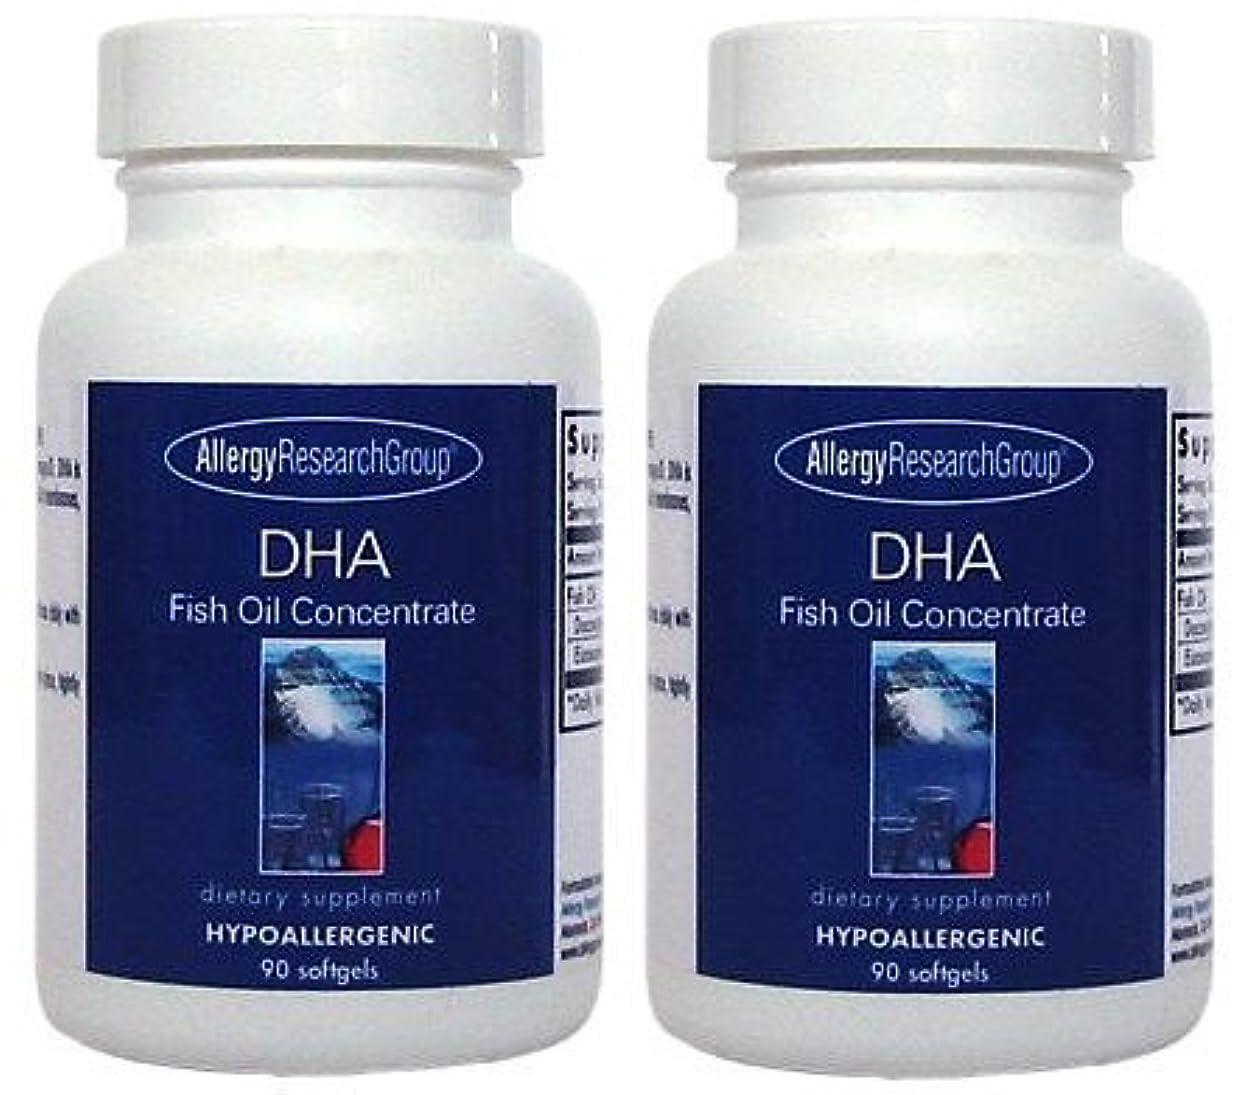 分類する残基必需品DHA & EPA (DHA Fish Oil Concentrate 90 Softgels ) [海外直送品] 2ボトル